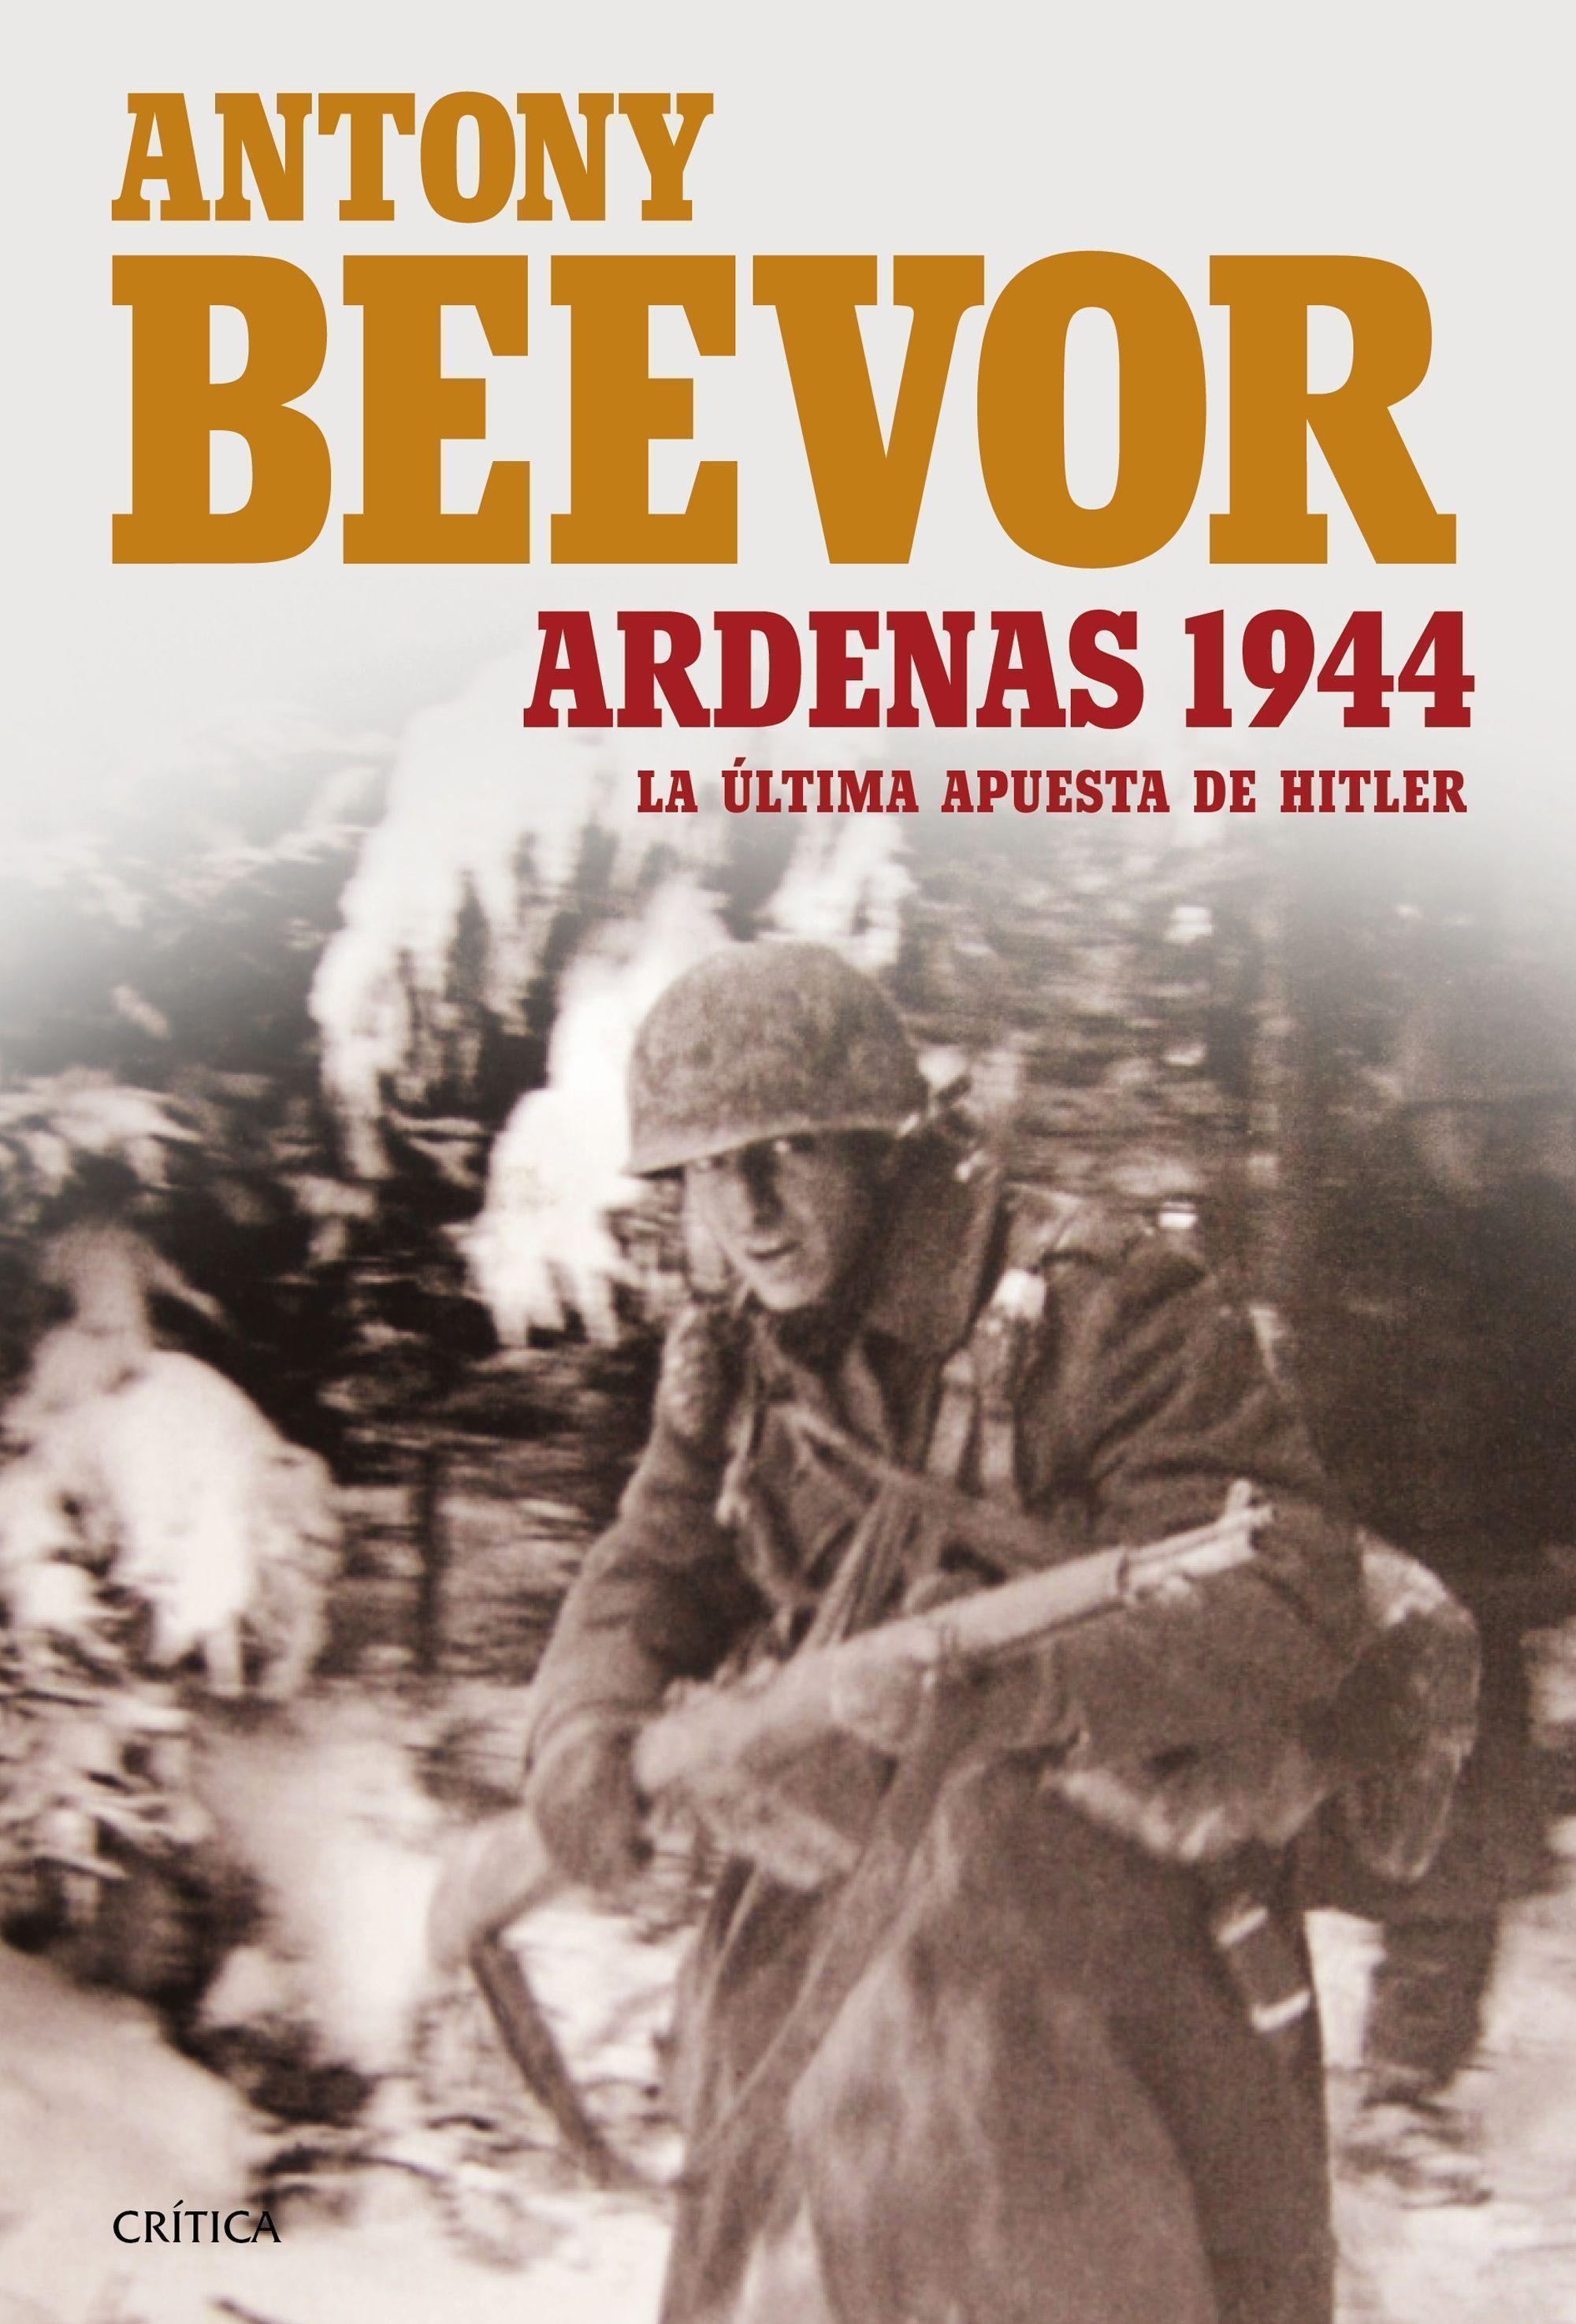 Ardenas 1944, por Antony Beevor